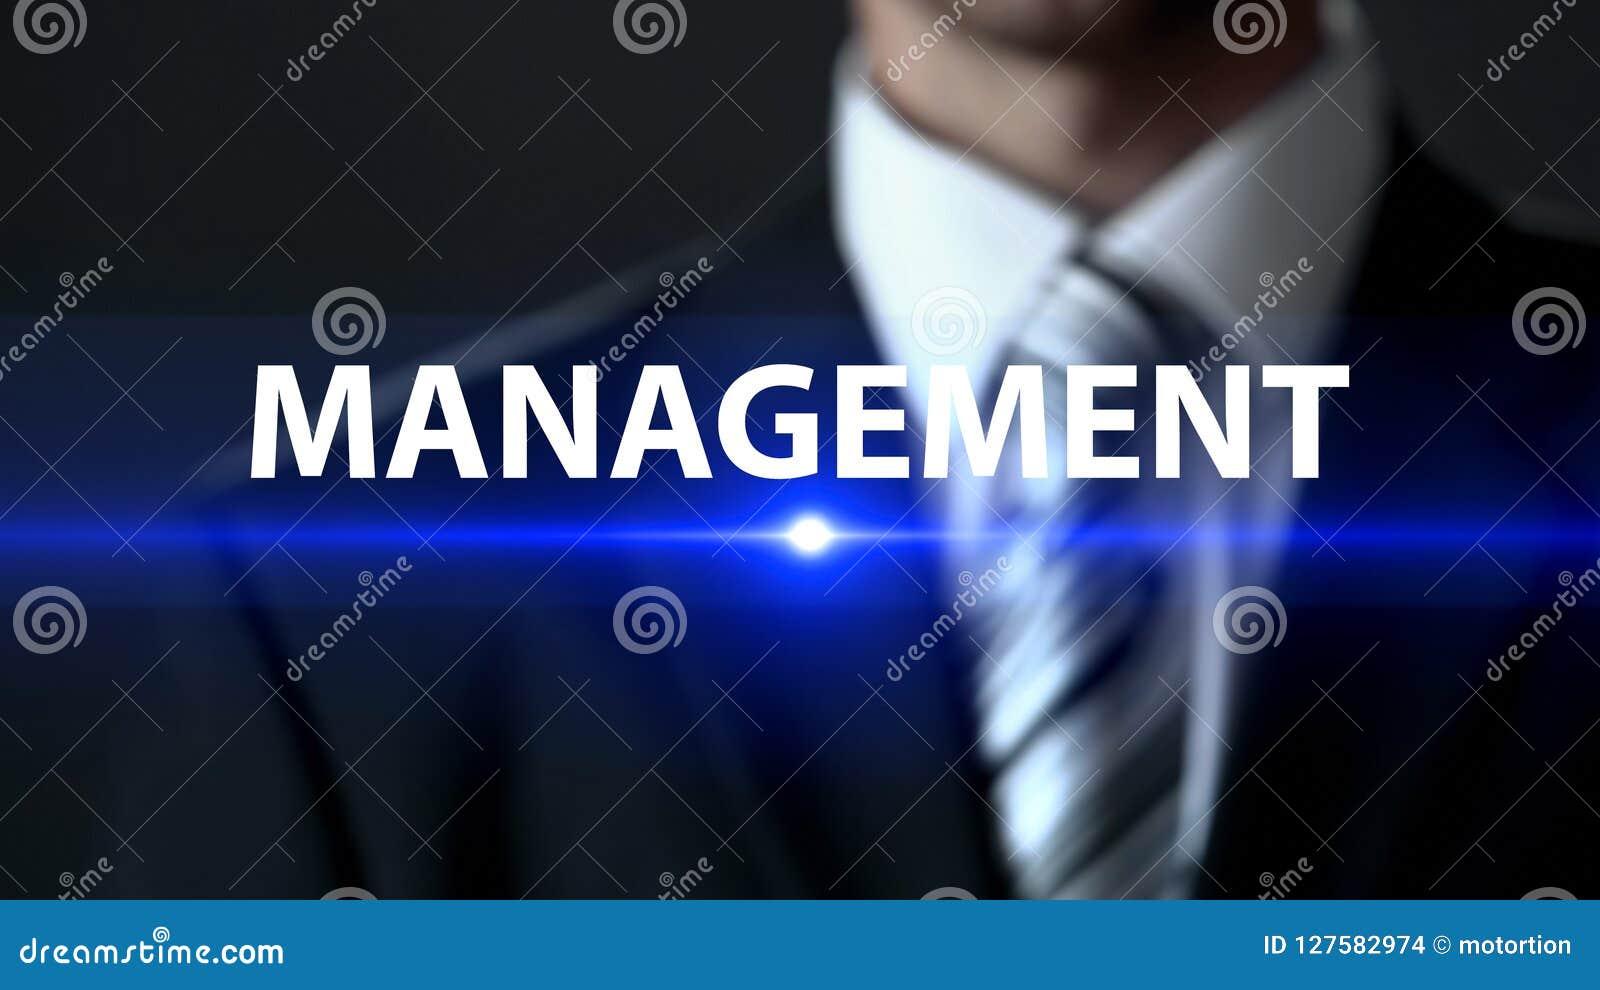 Управление, мужчина в костюме стоя перед экраном, стратегией бизнеса, компанией